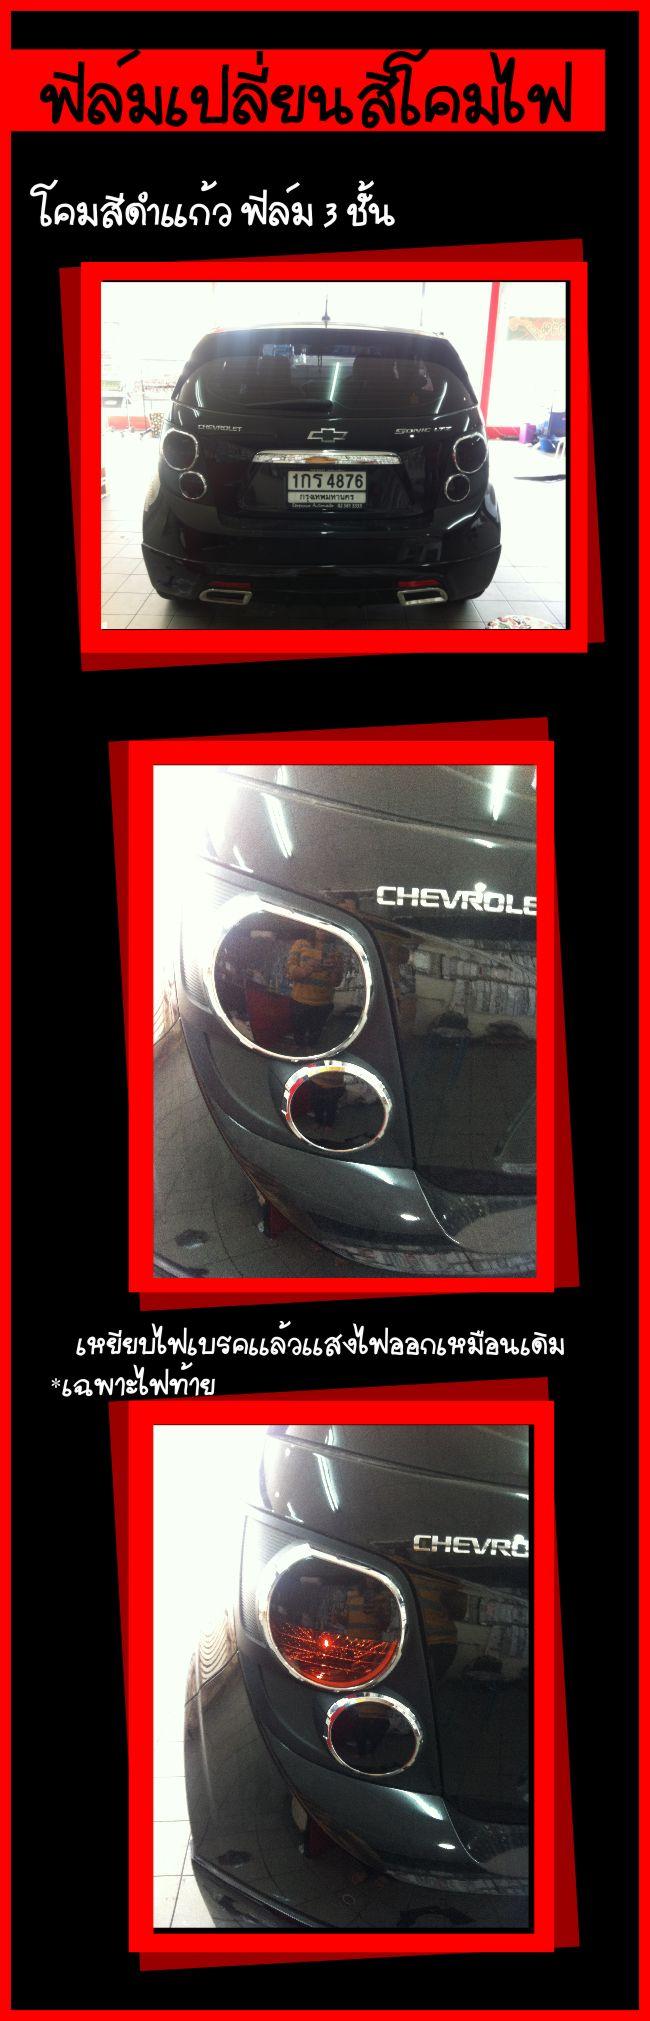 สติกเกอร์ใสติดไฟ ฟิล์มติดไฟหน้า ฟิล์มโคมดำ สติกเกอร์รถ แต่งลายรถ สติกเกอร์สวิฟ หลังคาแก้ว เคฟล่า sticker swift ฟิล์มใสกันรอย แต่งสวิฟ โคมดำส